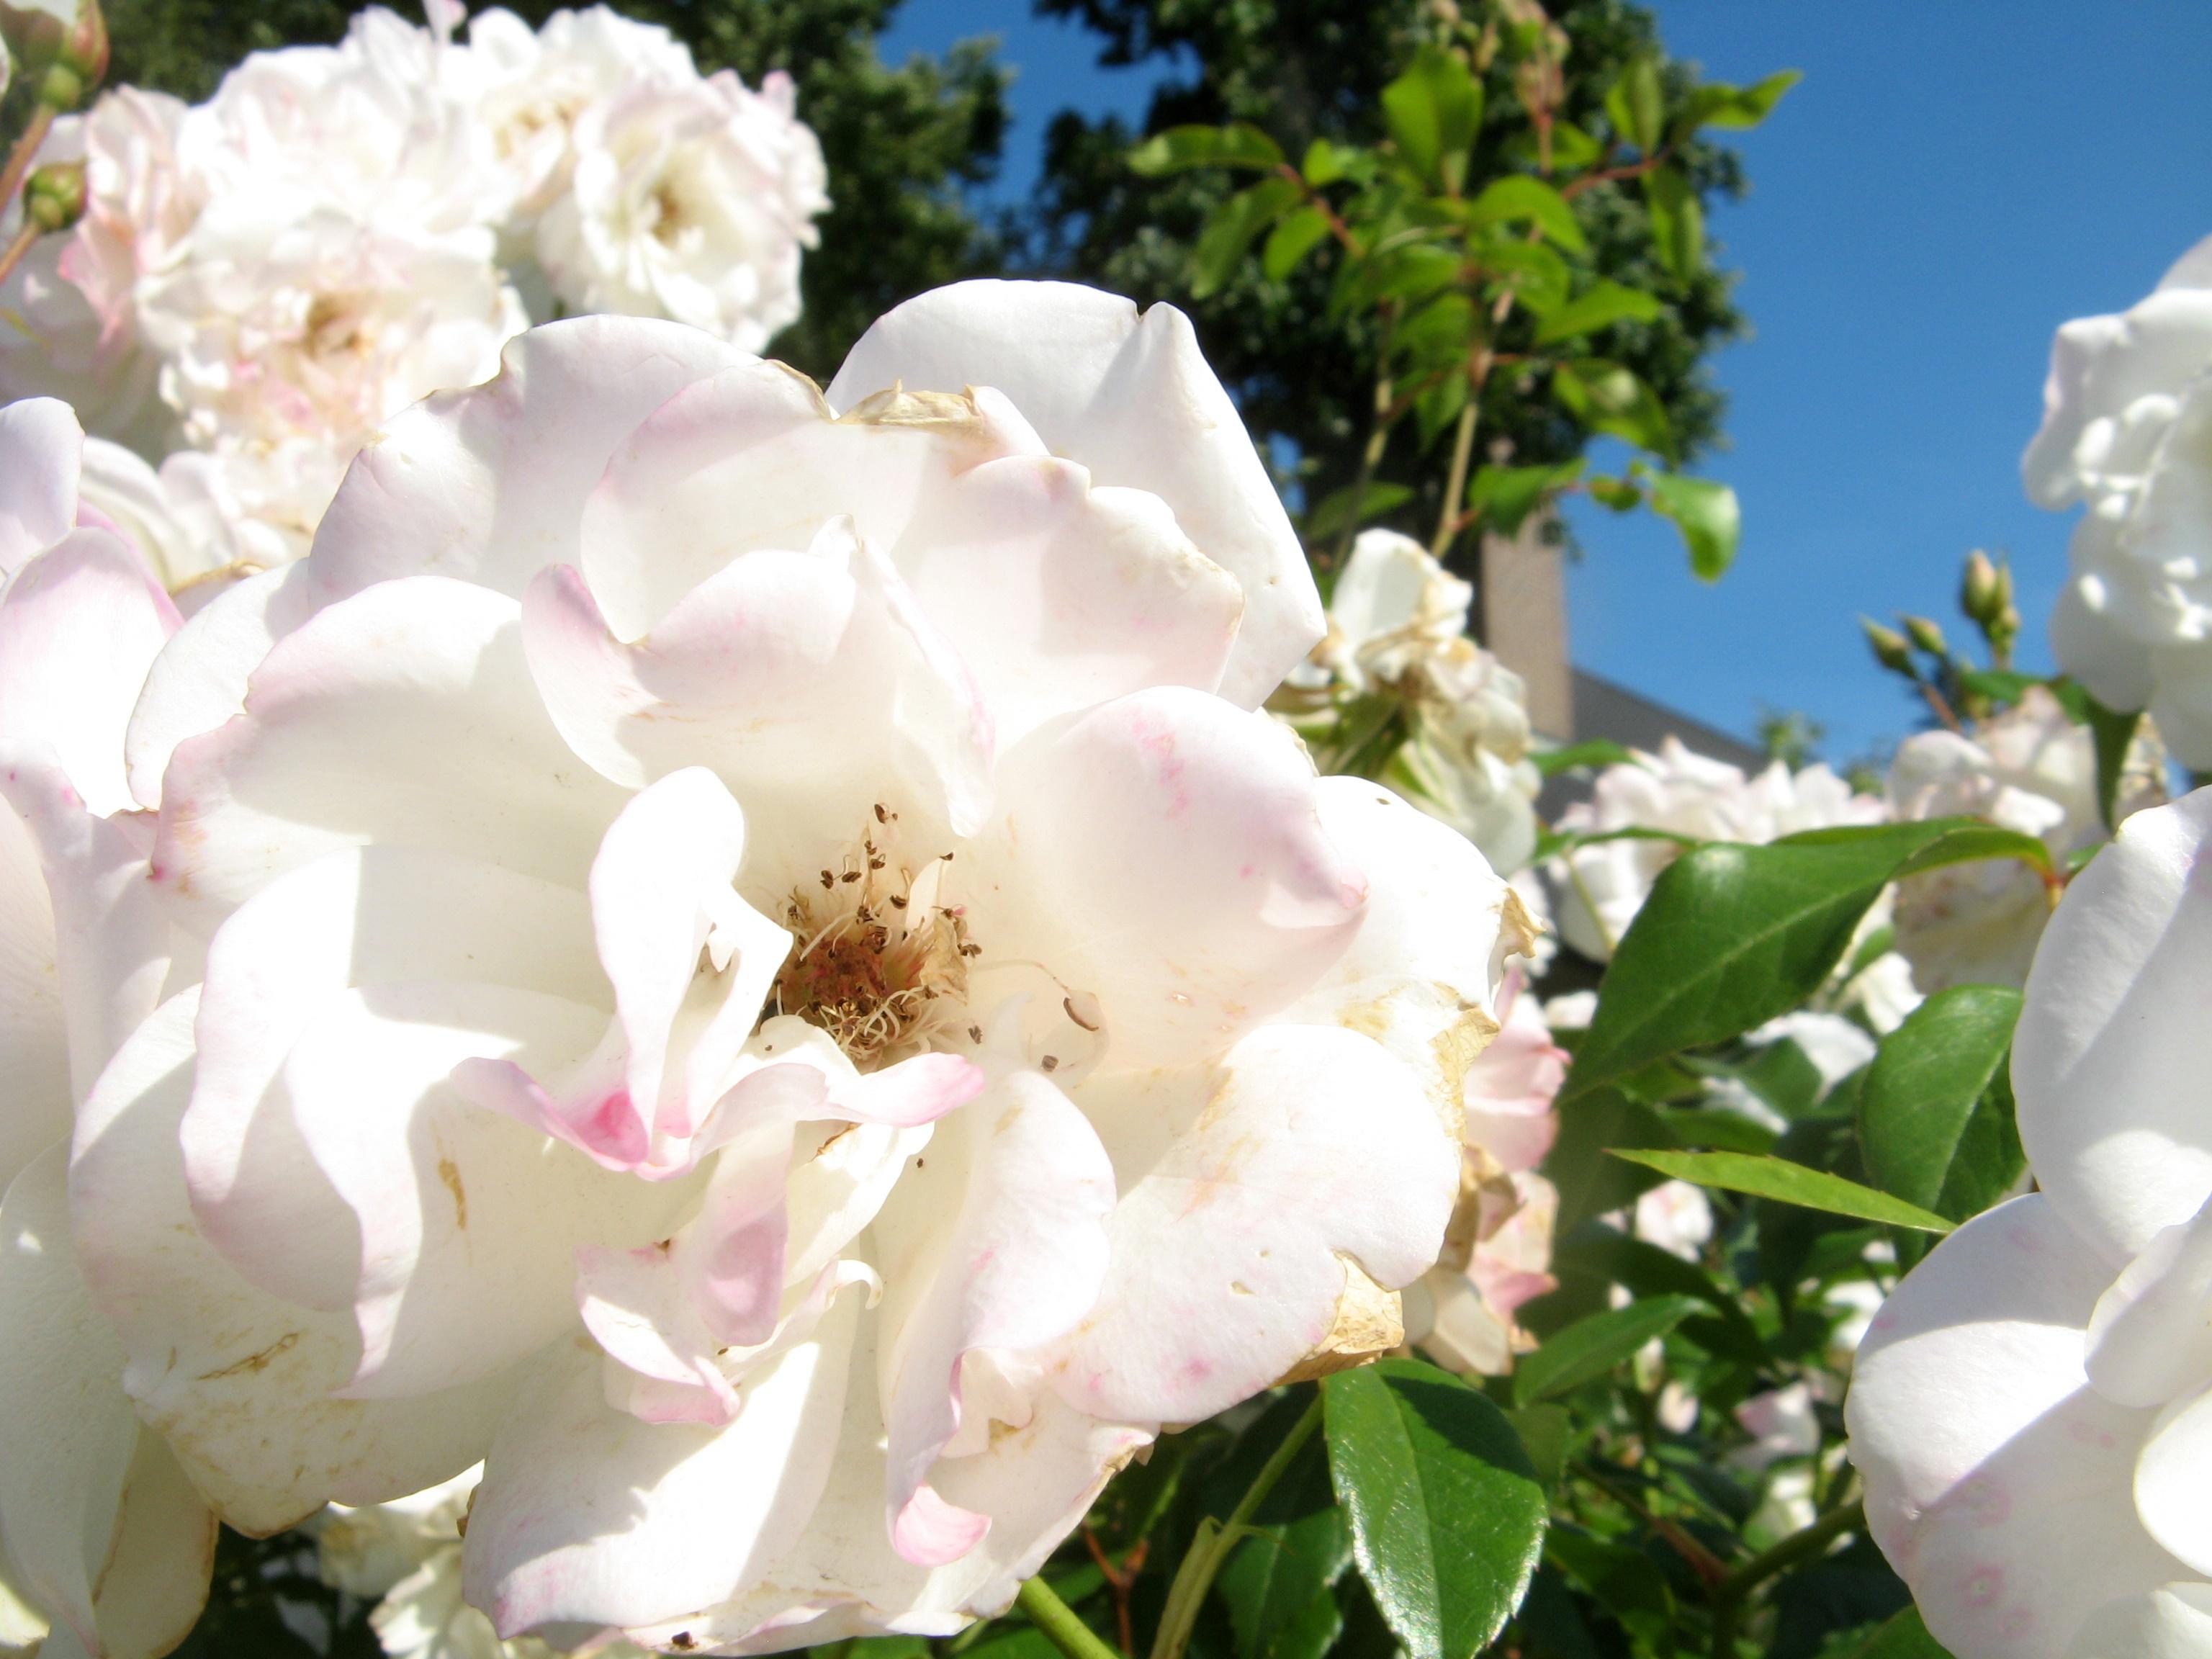 rosarium uetersen rose rosarium uetersen climbing rose. Black Bedroom Furniture Sets. Home Design Ideas